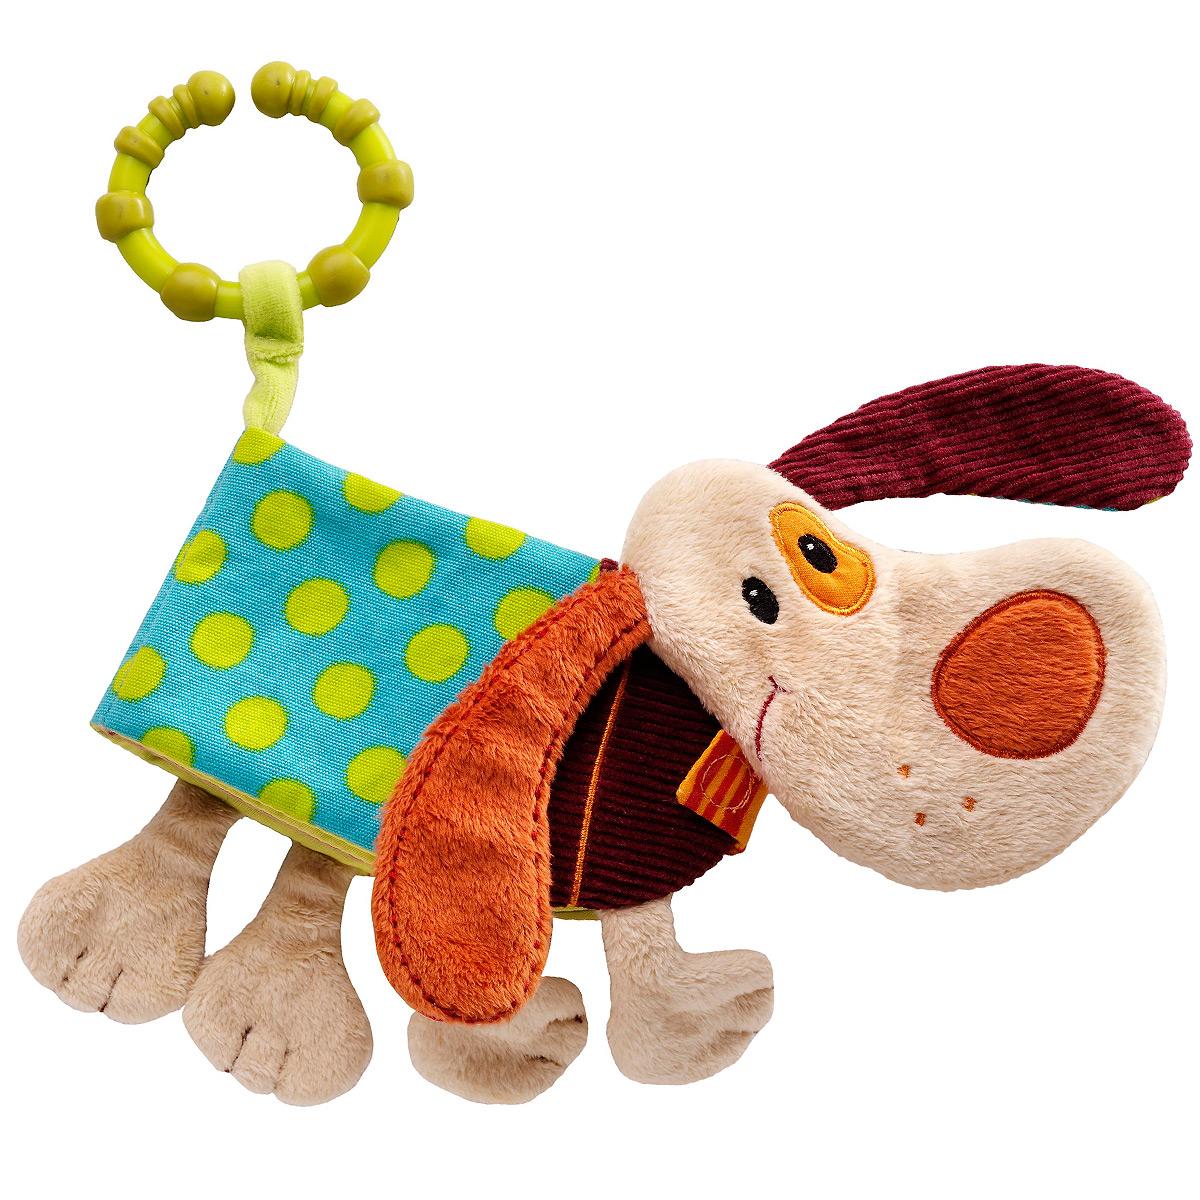 Развивающая игрушка-книжка Lilliputiens Собачка Джеф86262Мягкая развивающая игрушка-книжка Lilliputiens Собачка Джеф непременно понравится вашему малышу. Она выполнена из текстильного материала разных цветов и фактур в виде собачки. Туловище Джефа представляет собой книжку с четырьмя мягкими страничками, на которых изображены различные животные. Странички книжечки закрепляются с помощью хлястика на липучке. В последней страничке спрятана сфера, гремящая при тряске. С помощью незамкнутого кольца игрушку можно прикрепить к автокреслу, коляске, кроватке или игровой дуге малыша. Книжка-игрушка поможет ребенку развить цветовое и звуковое восприятие, тактильные ощущения, мелкую моторику рук, когнитивное восприятие, а также познакомит с окружающим миром.